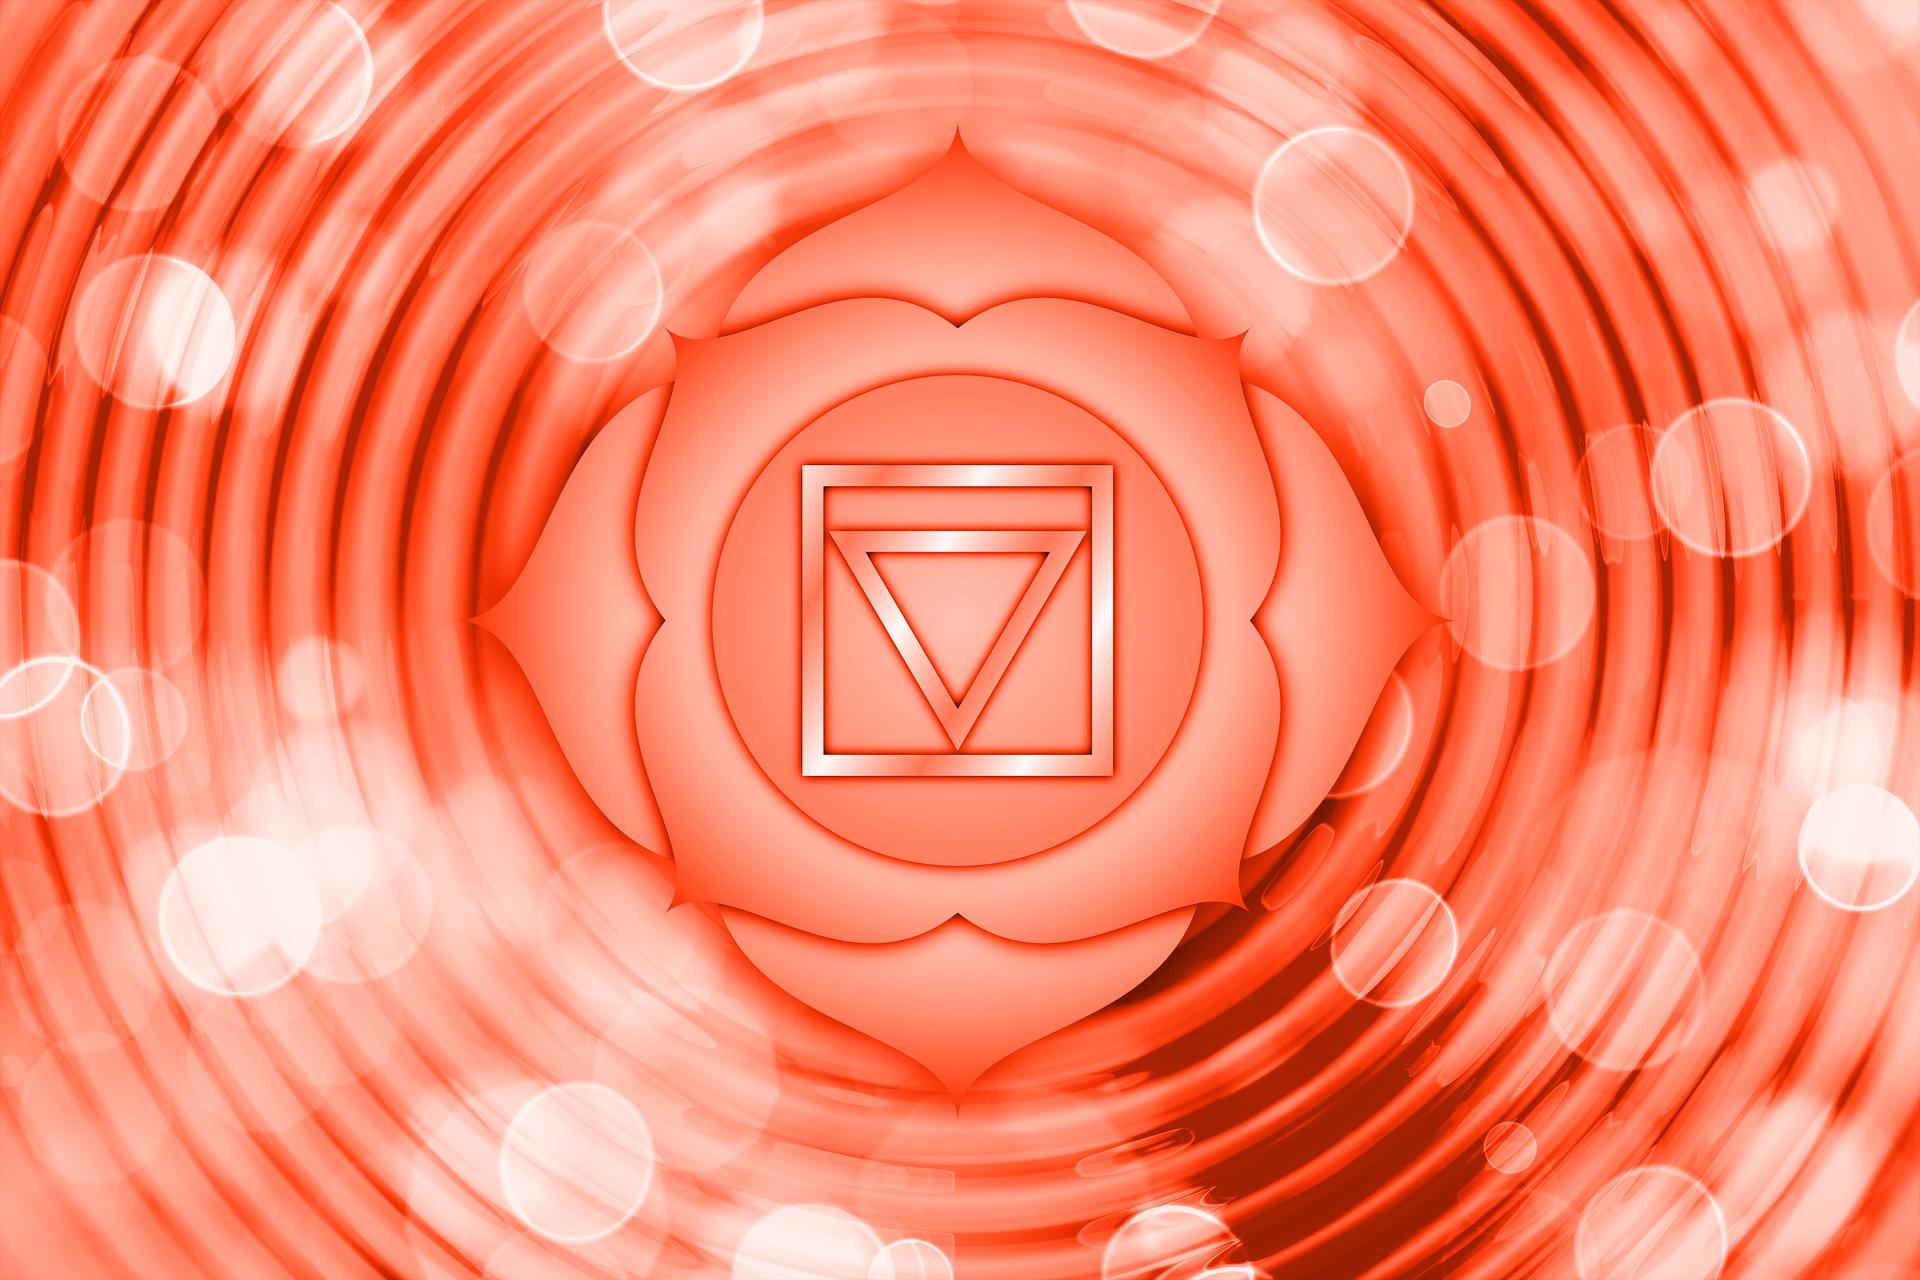 1月18日チャクラ瞑想して点描曼荼羅を描こう!